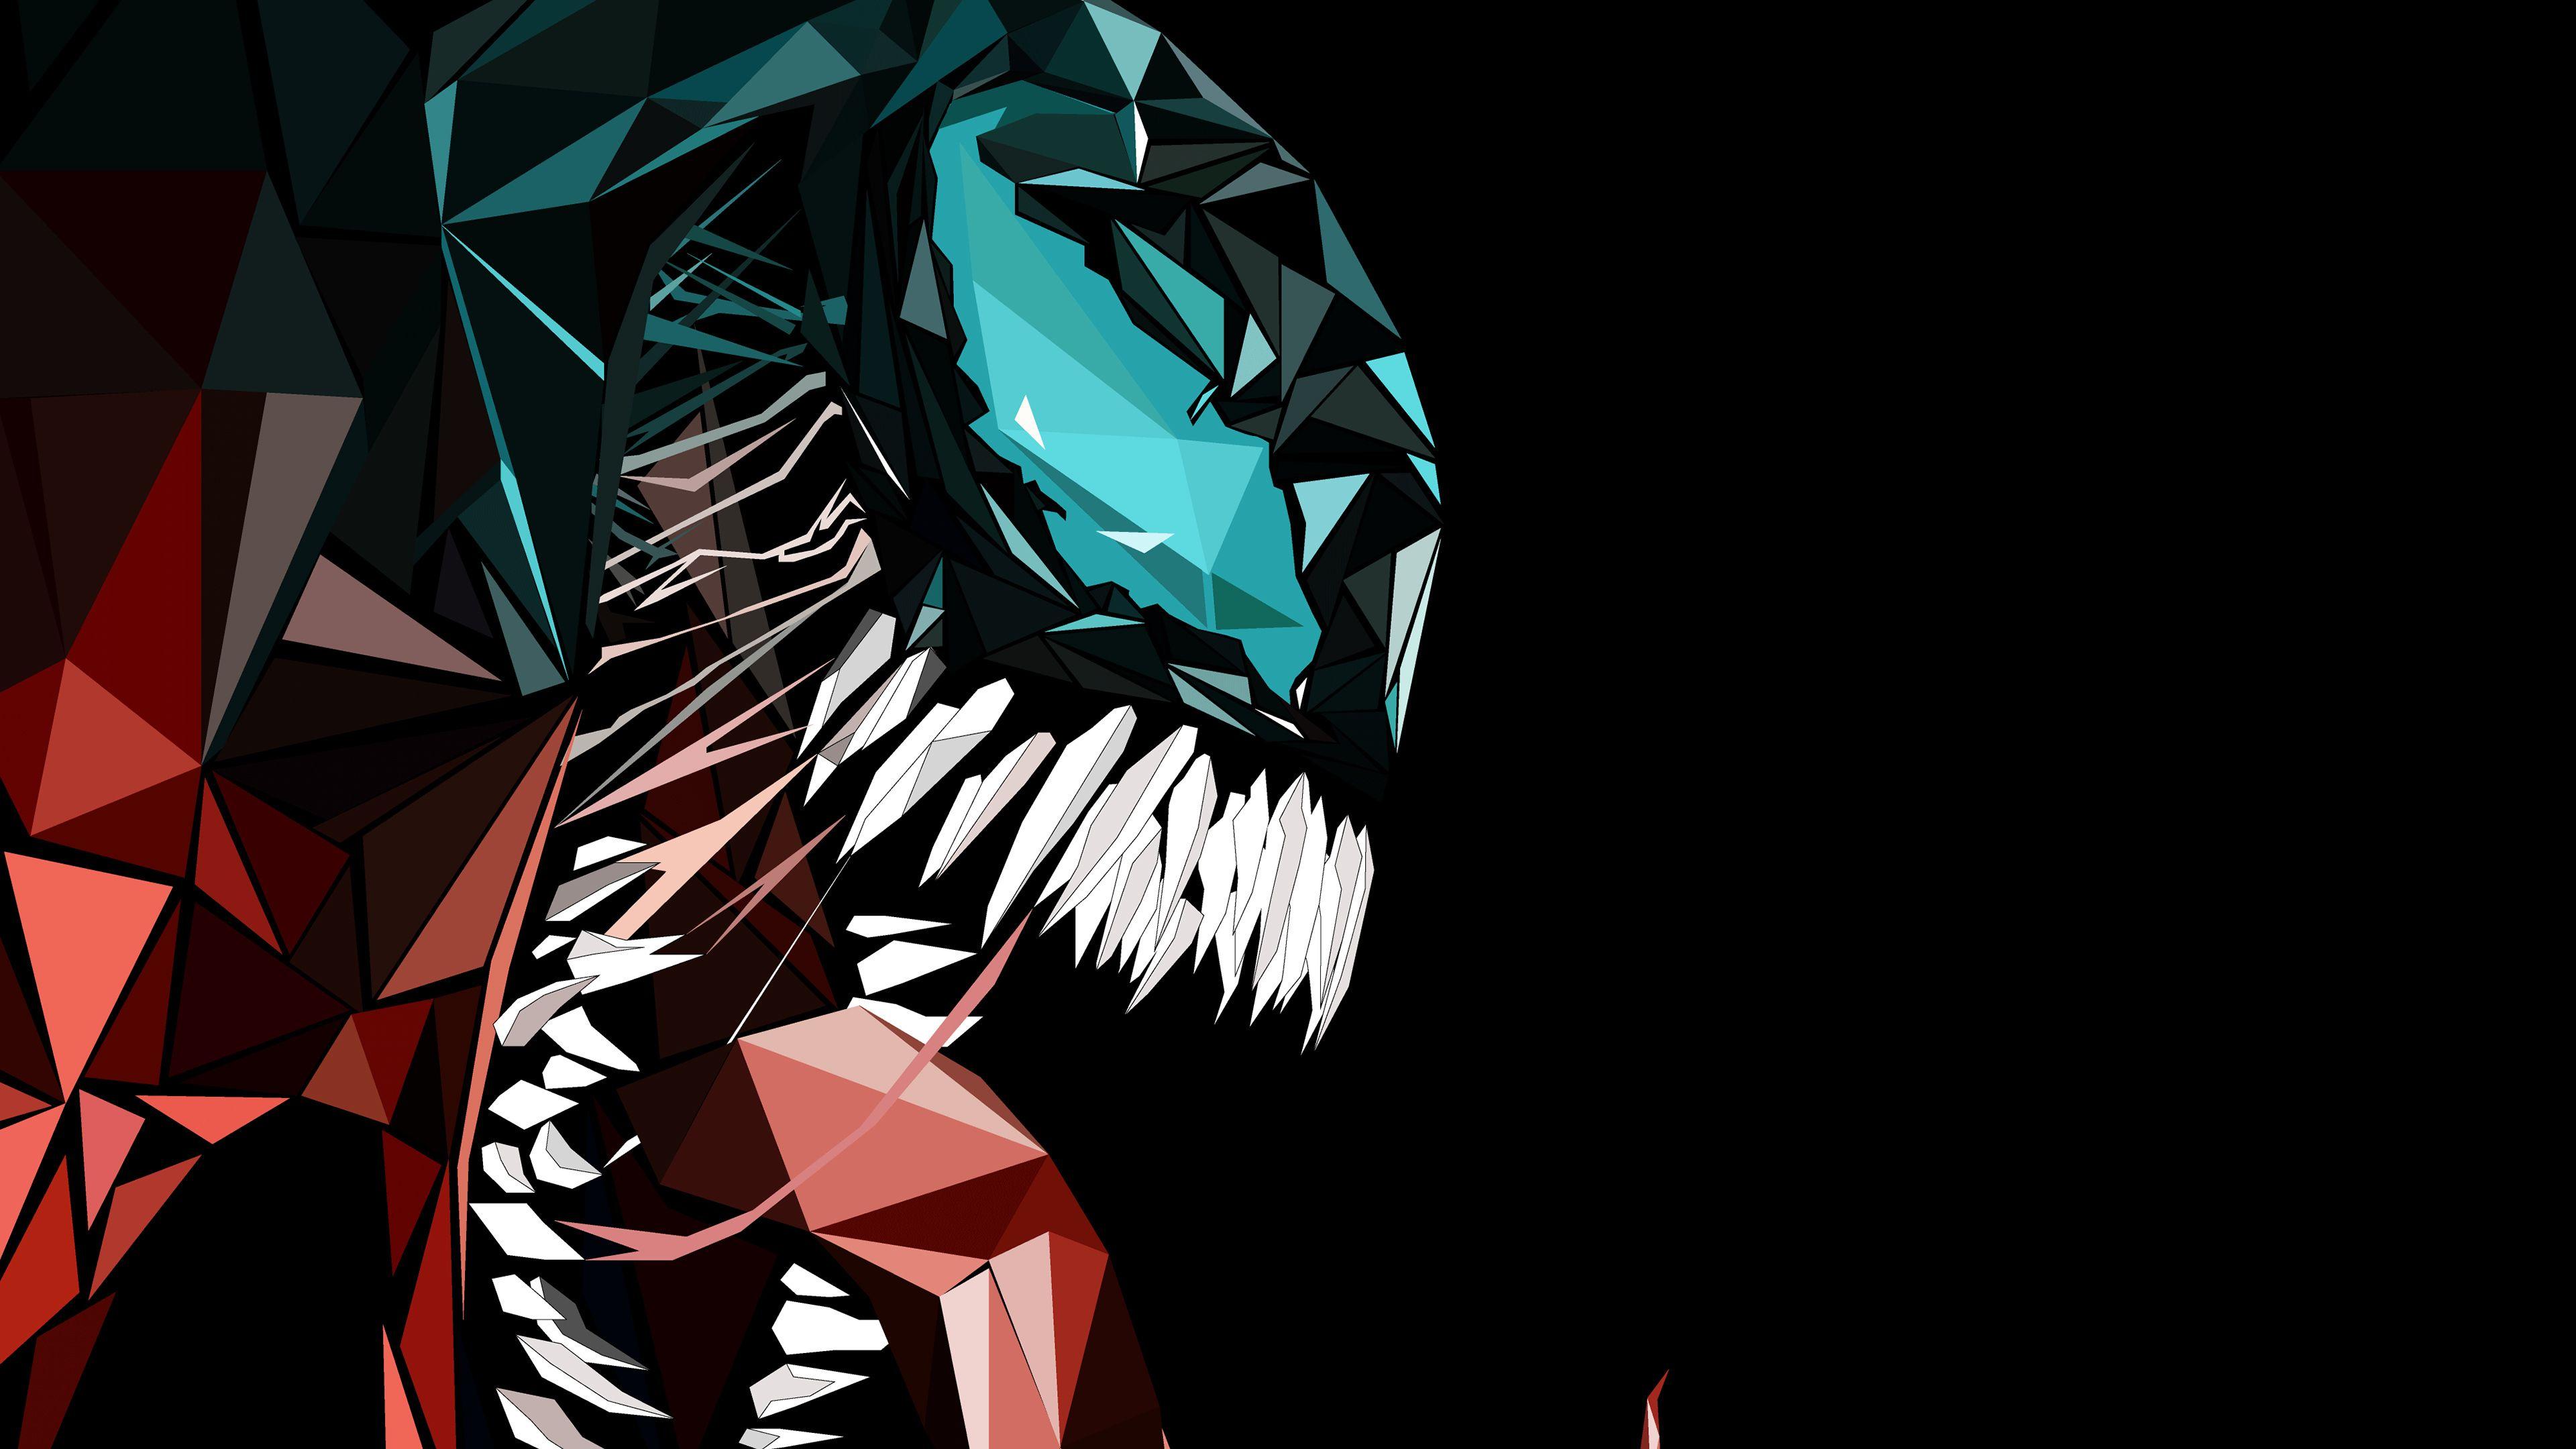 Wallpaper 4k Venom Abstract 4k 4k-wallpapers, artwork ...